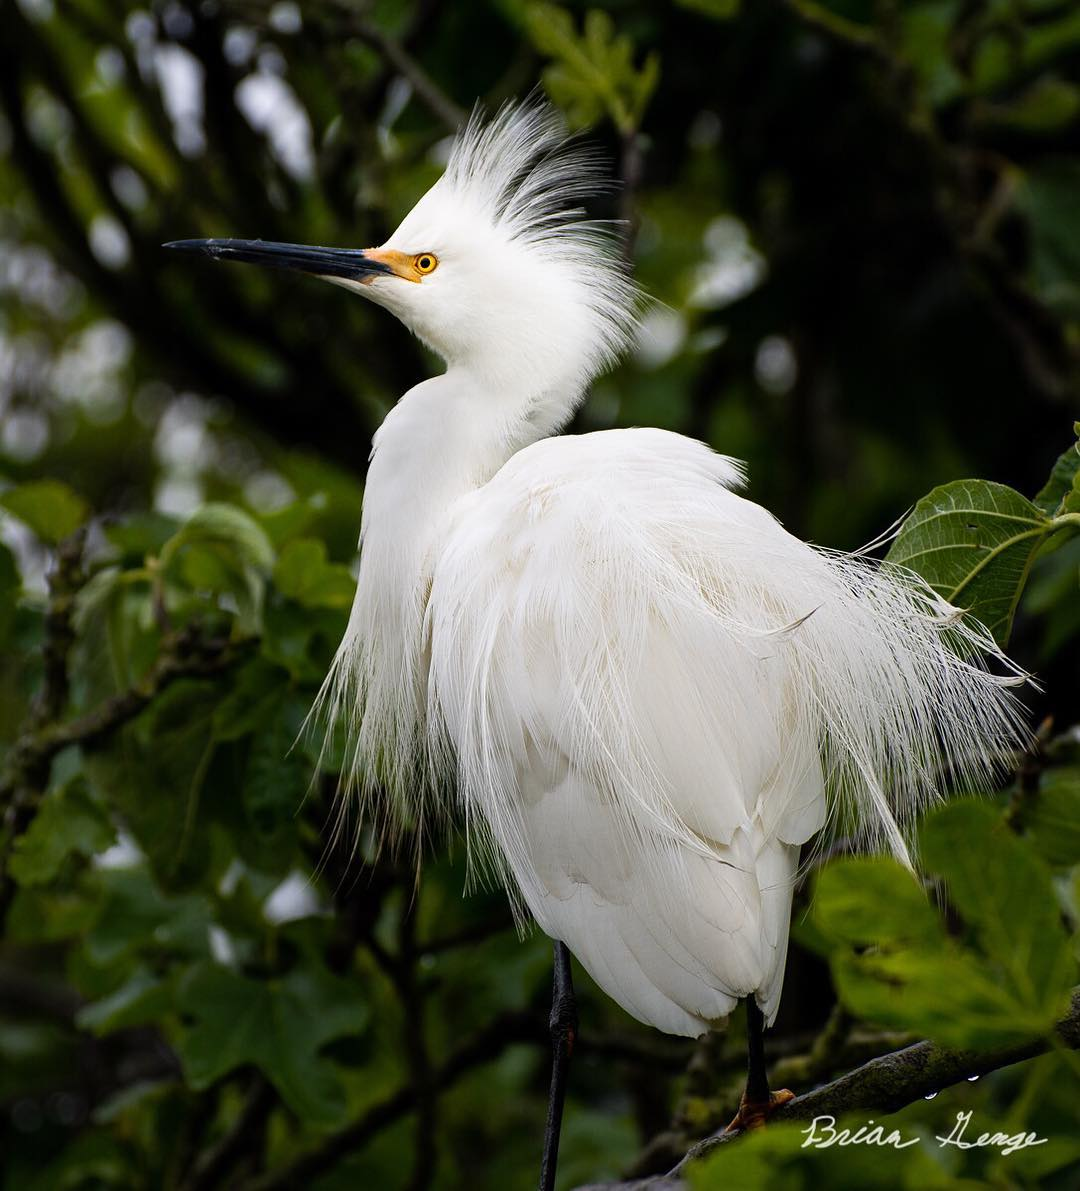 Птицы на снимках 17-летнего фотографа Брайана Генге